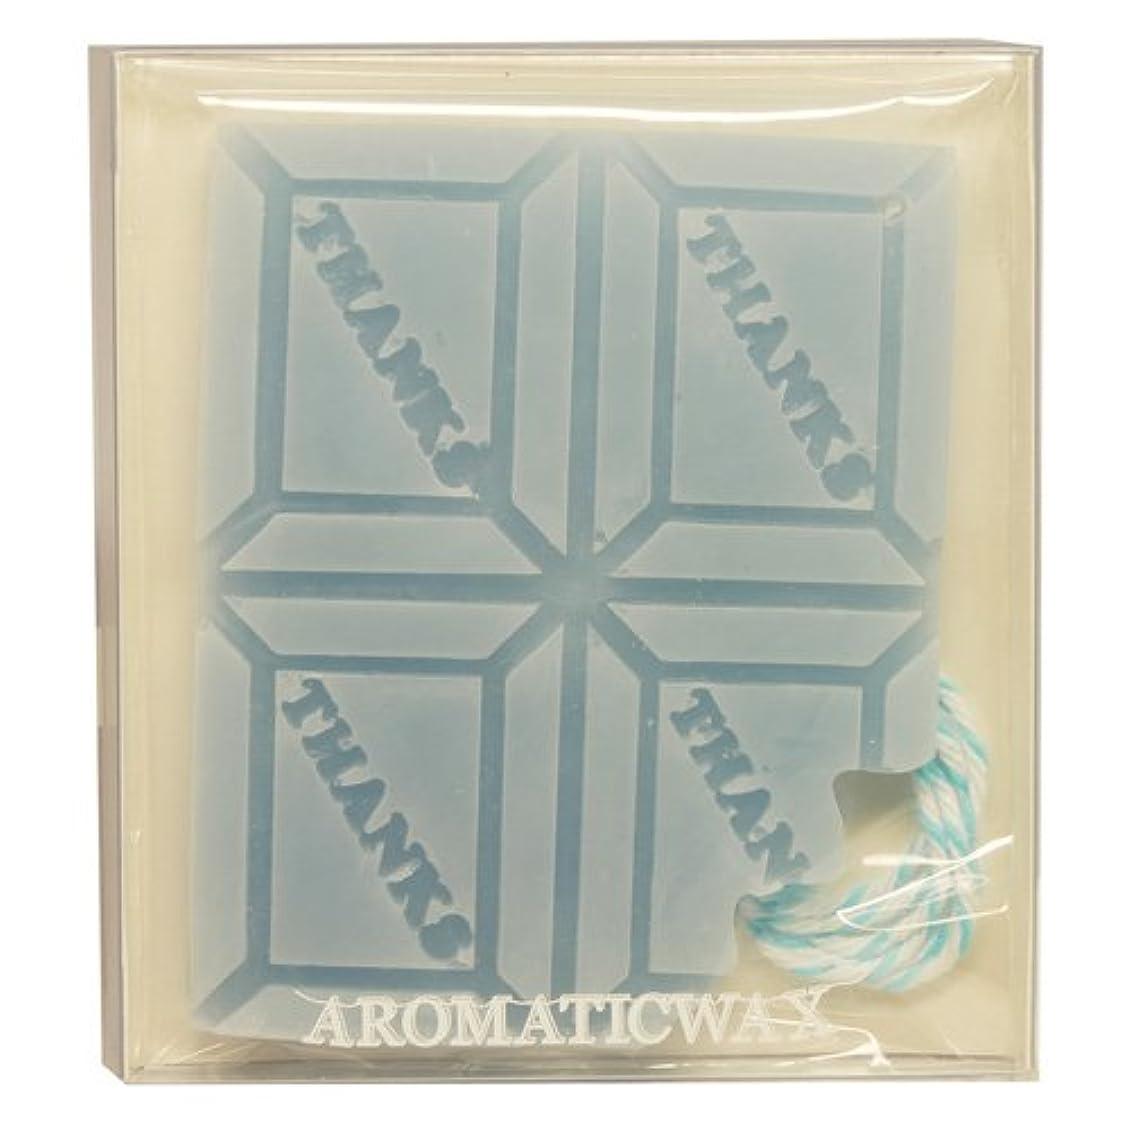 のどジャケット布GRASSE TOKYO AROMATICWAXチャーム「板チョコ(THANKS)」(BL) ローズマリー アロマティックワックス グラーストウキョウ